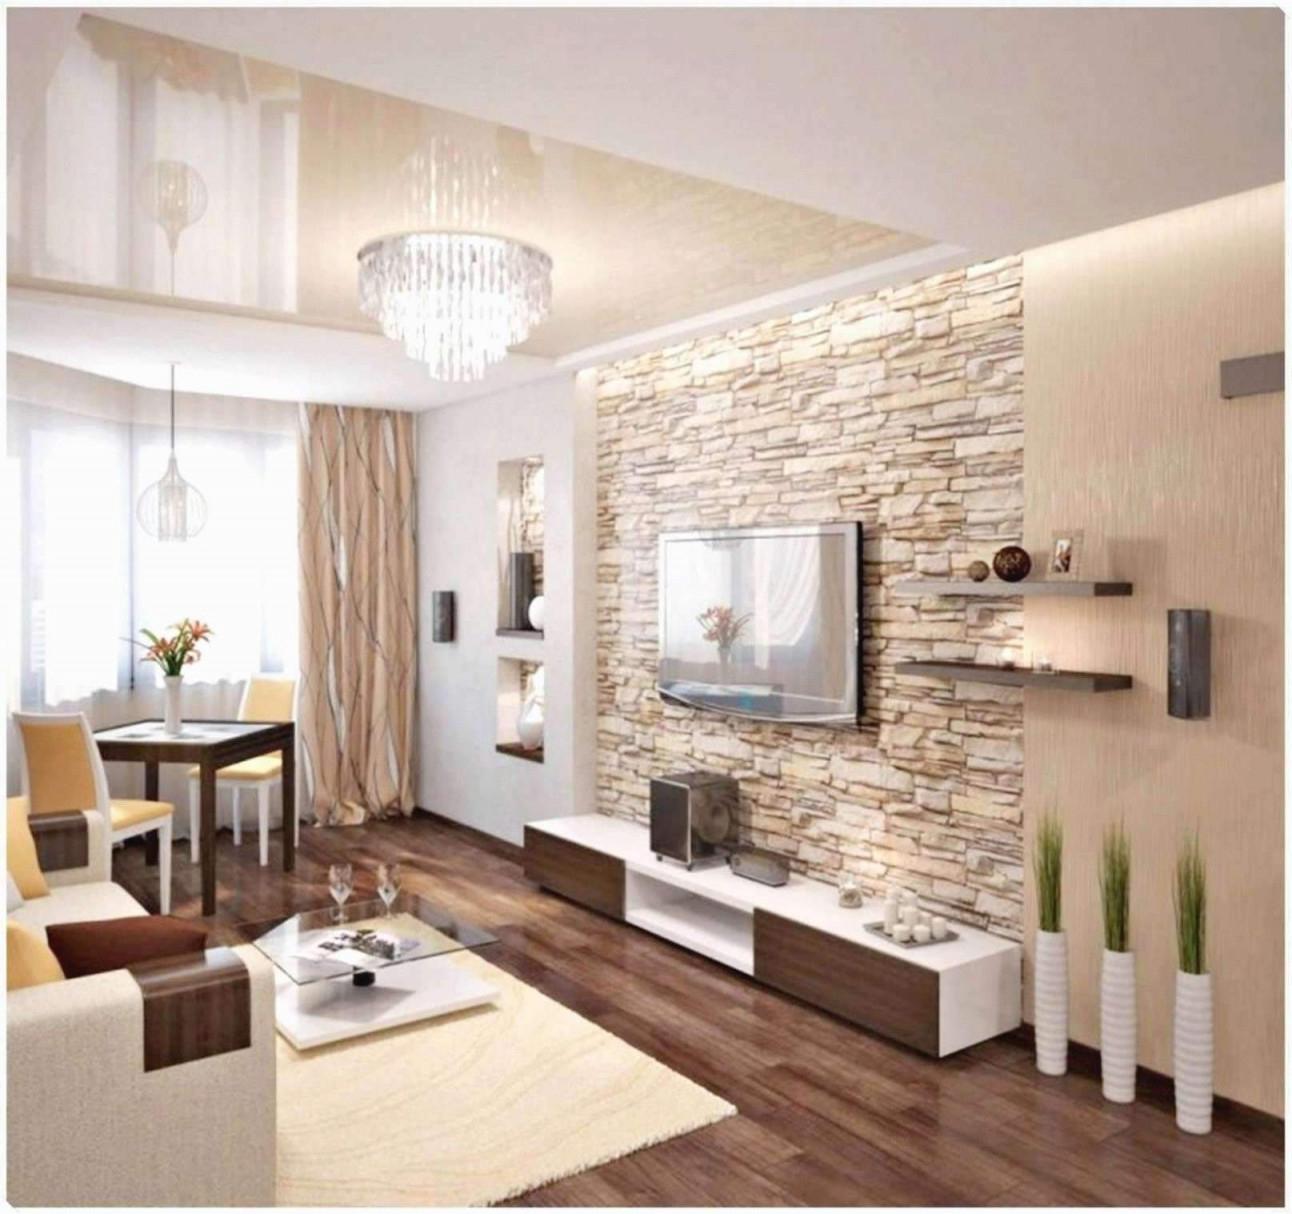 29 Neu Wohnzimmer Gestalten Grau Das Beste Von  Wohnzimmer von Wohnzimmer Grau Gestalten Bild